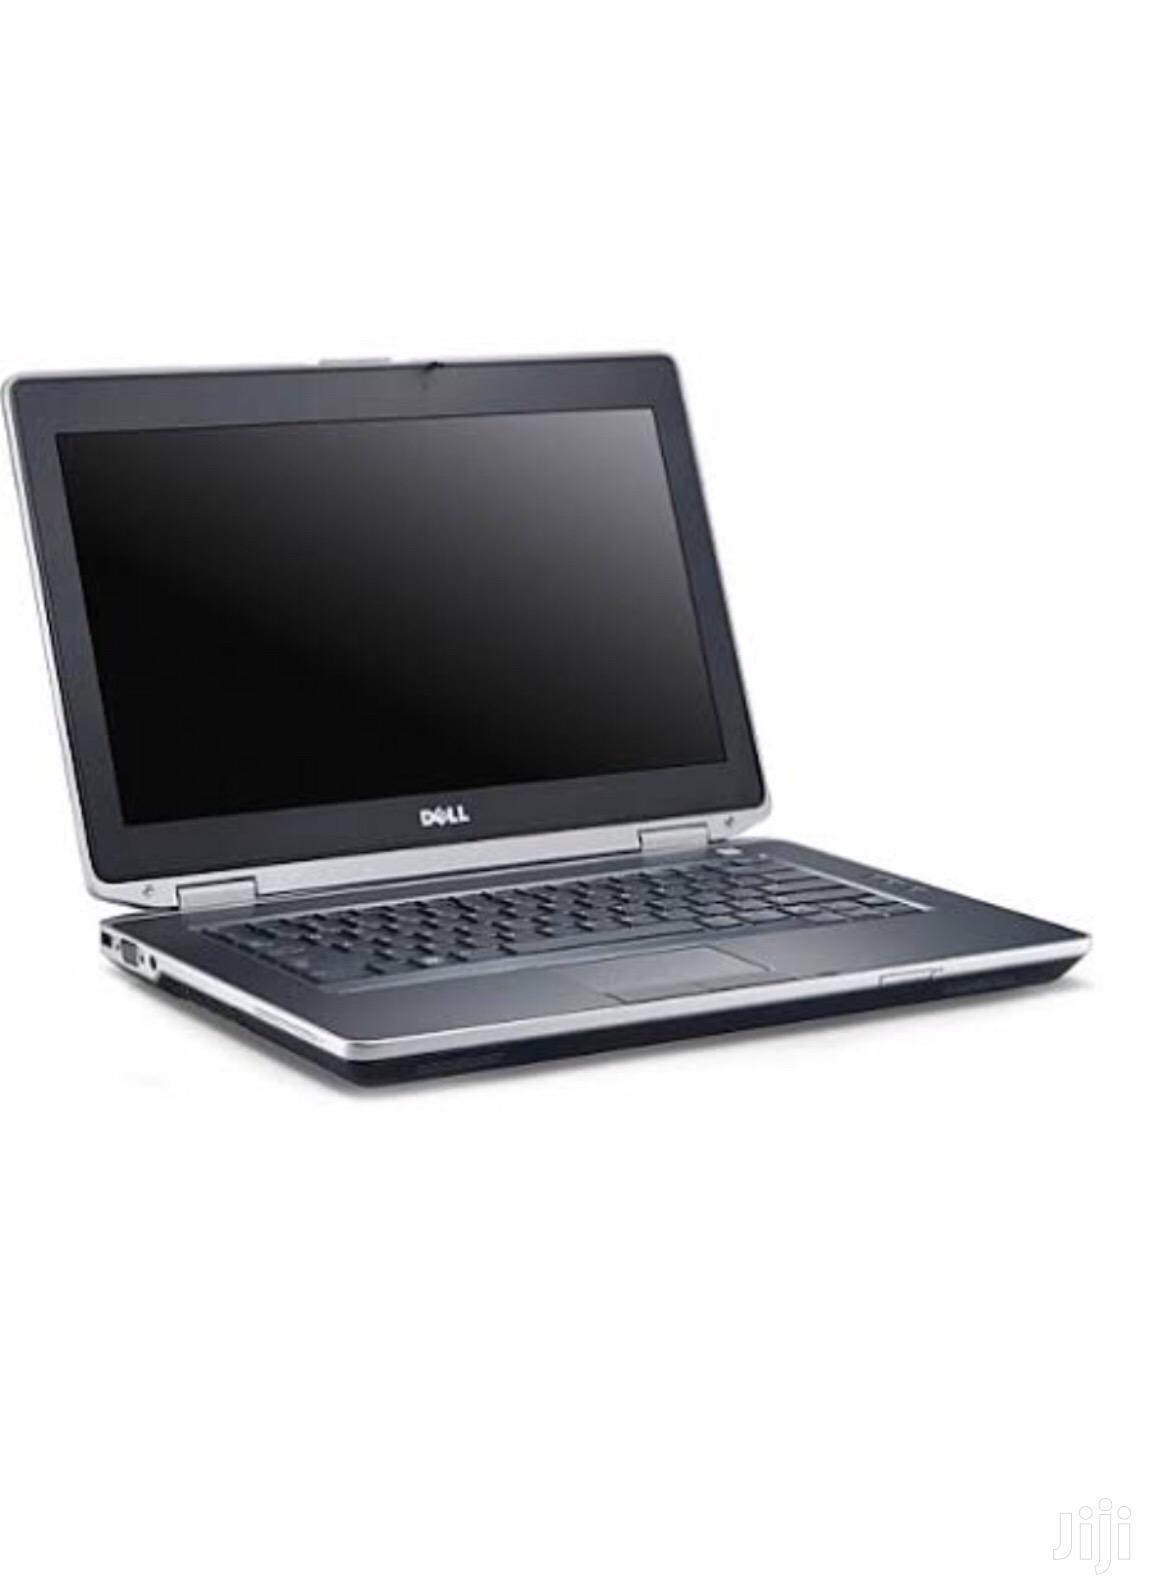 Laptop Dell Latitude E6530 4GB Intel Core I3 HDD 320GB